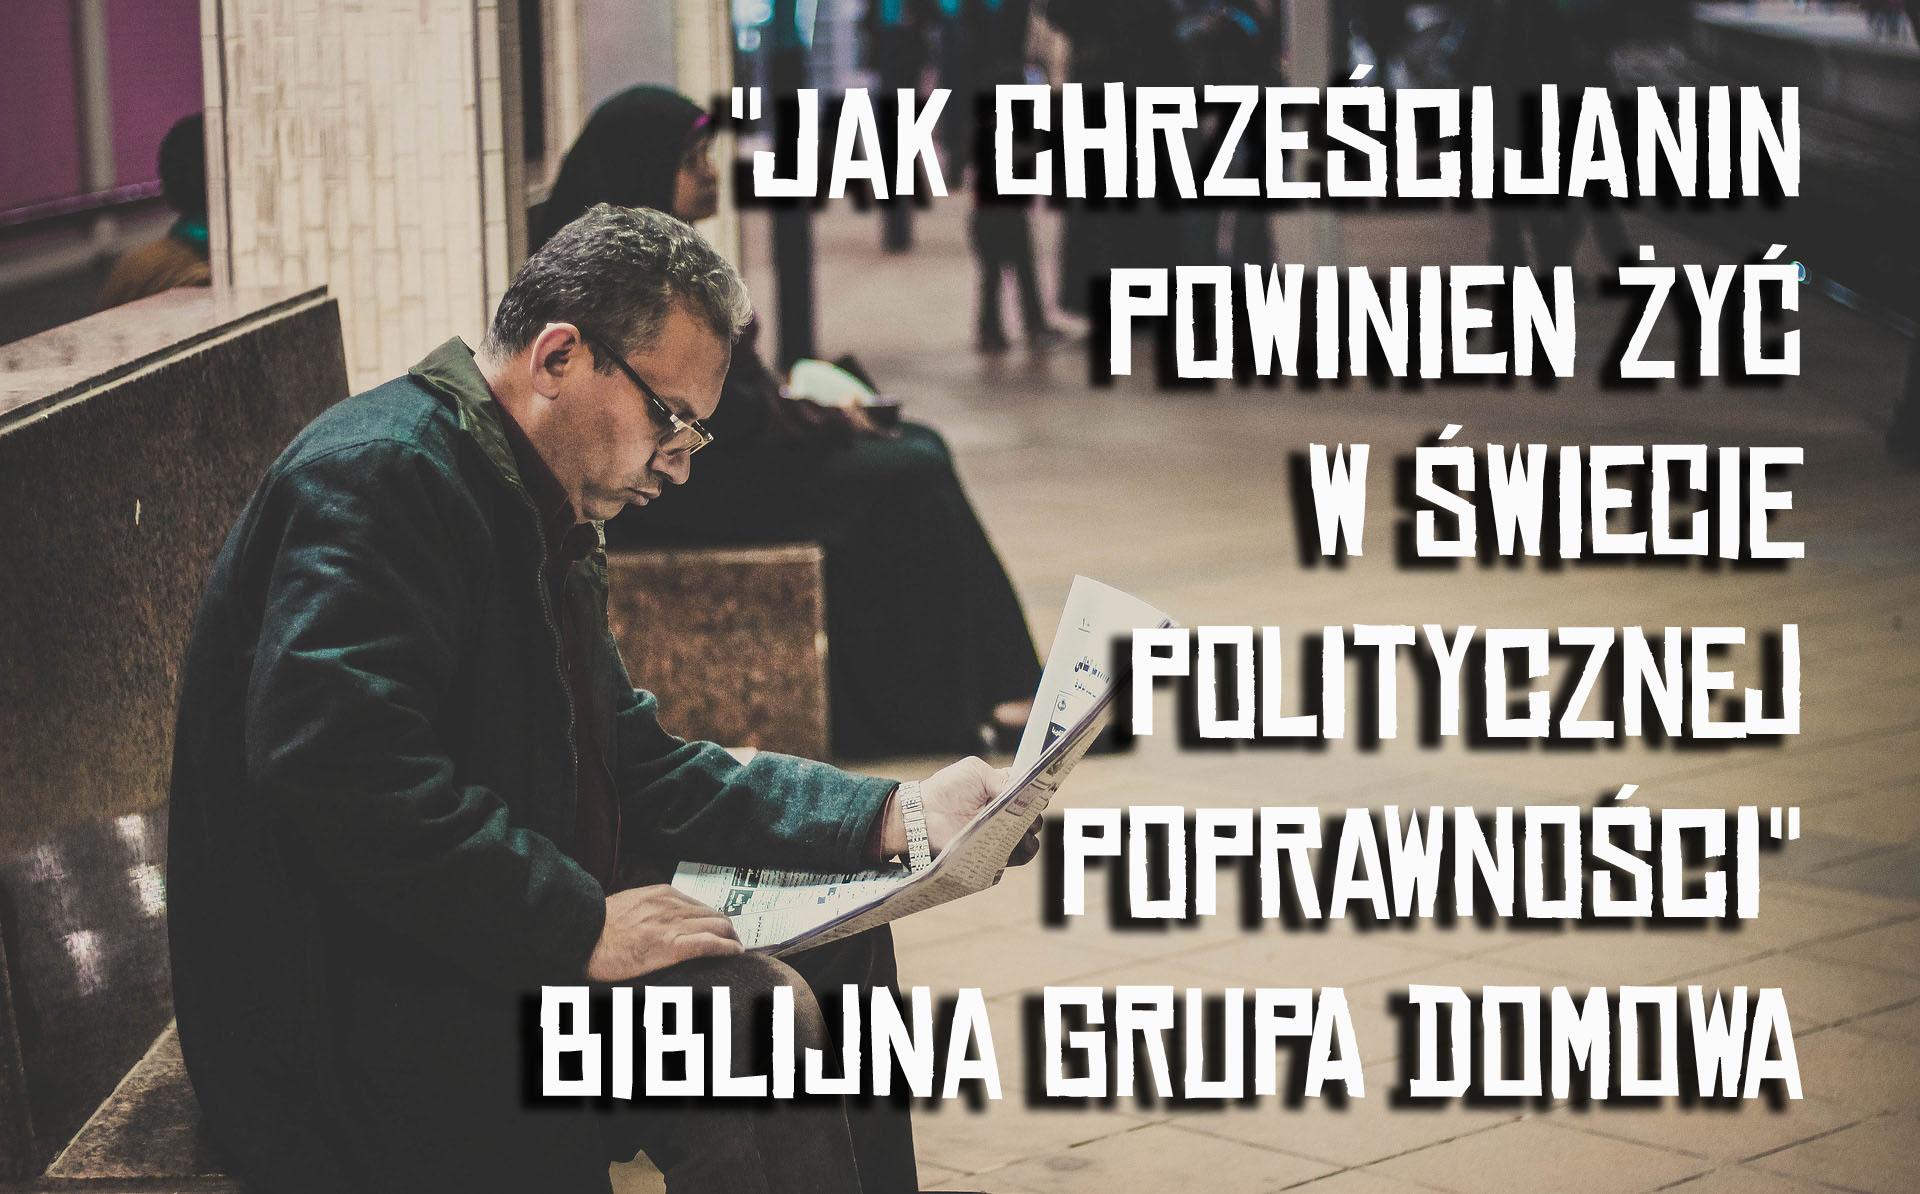 Jak_Chrześcijanin_powinien_życ_Biblijna_Grupa_Domowa_pic